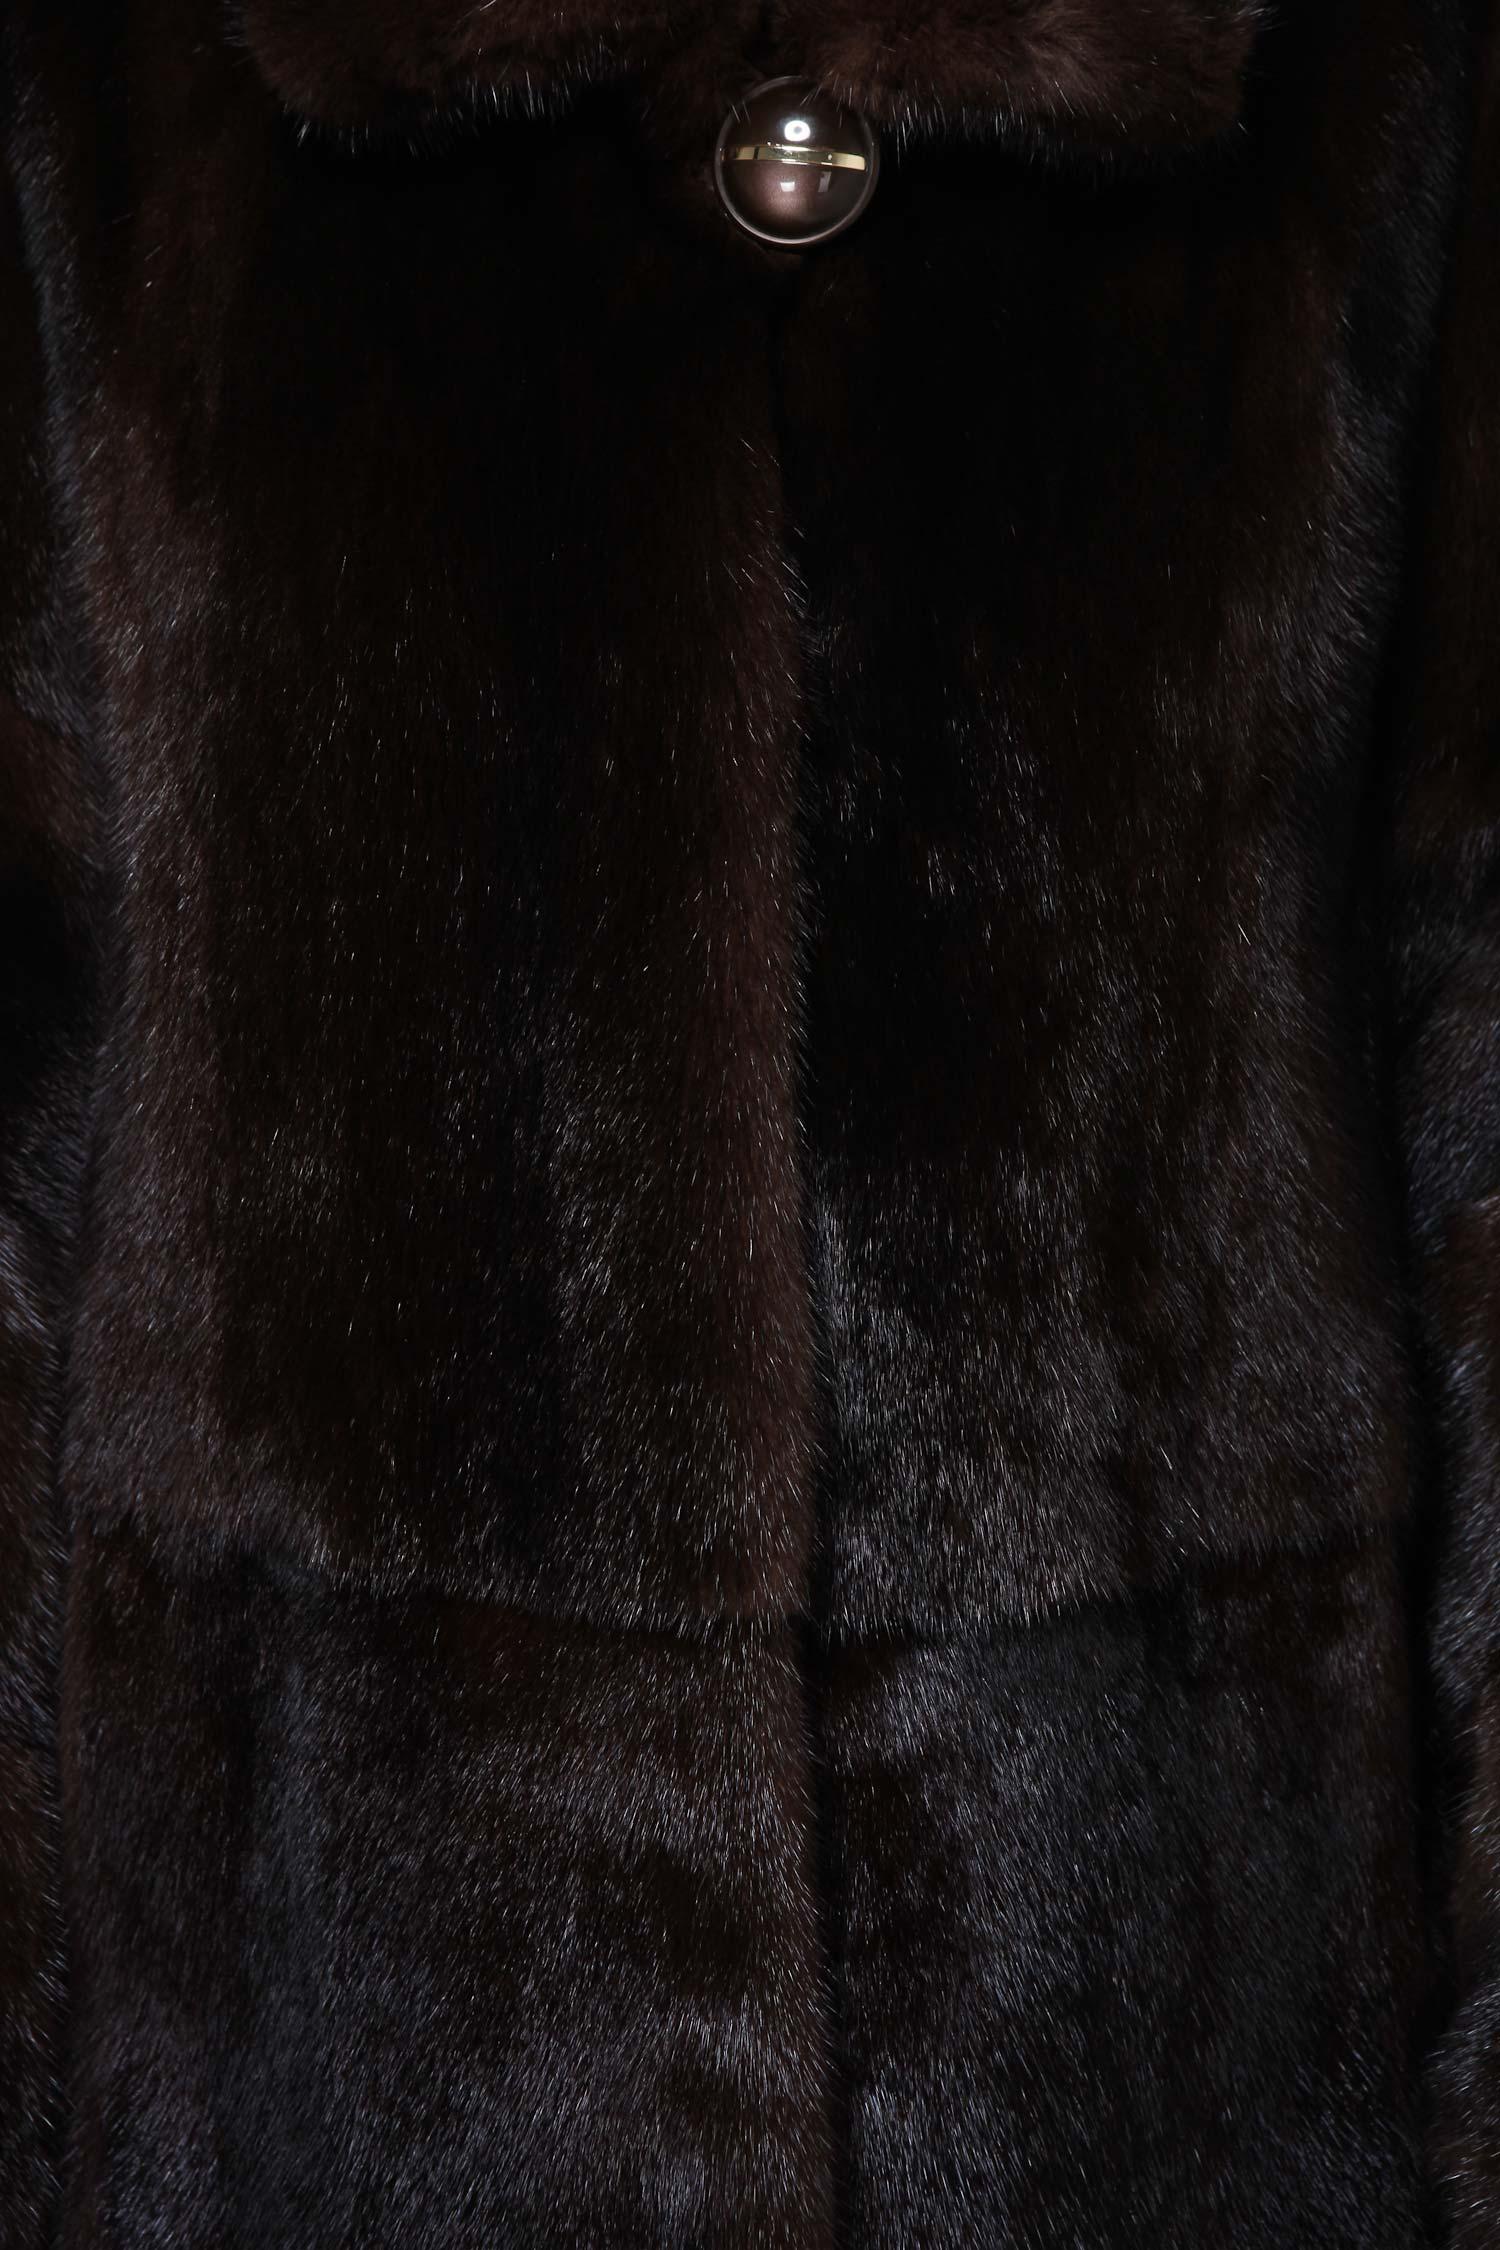 Фото 7 - Шубу из норки с воротником от МОСМЕХА коричневого цвета